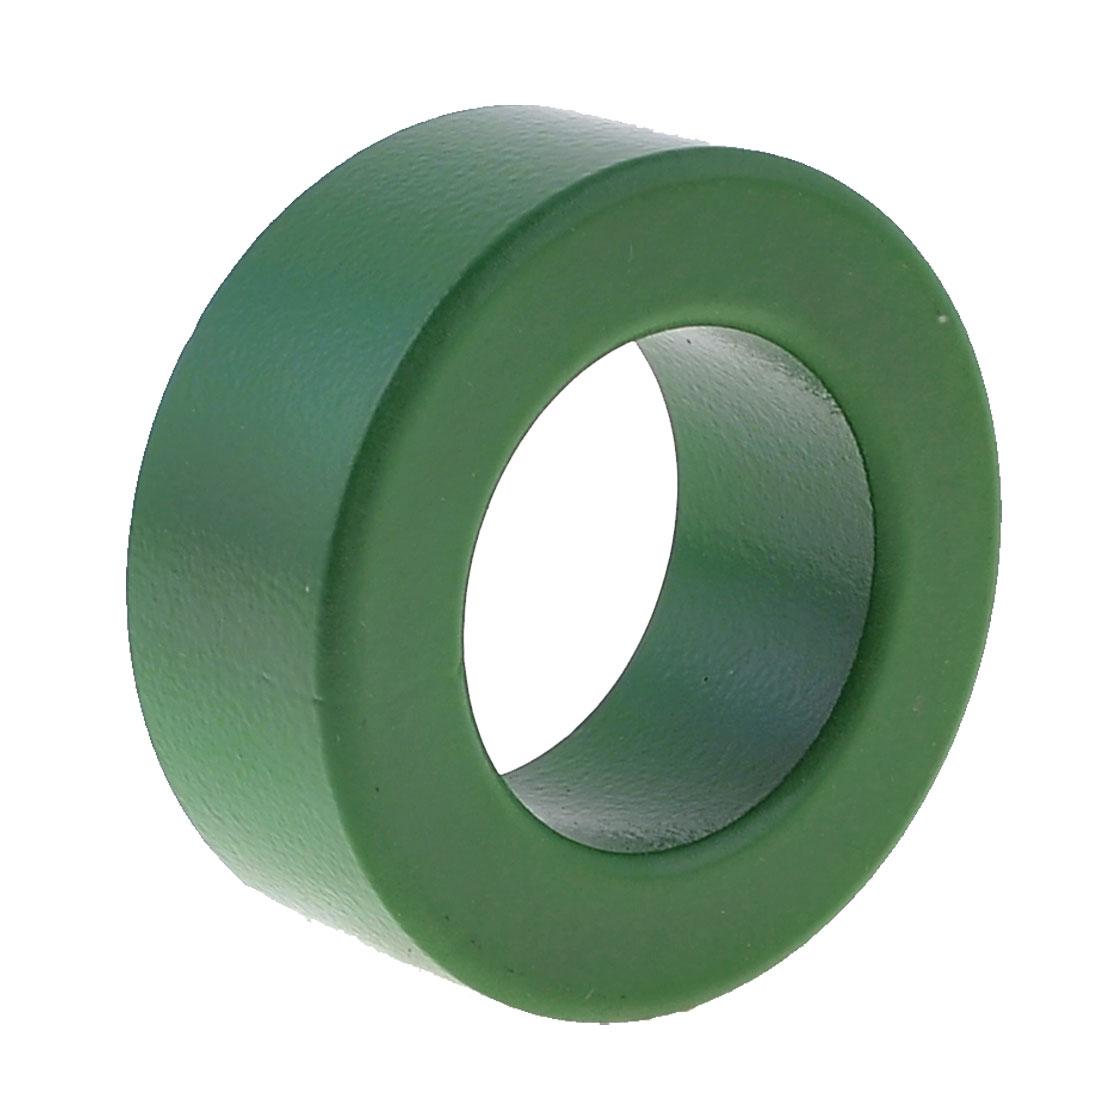 37mm Inner Diameter Ferrite Ring Iron Toroid Core Green T63